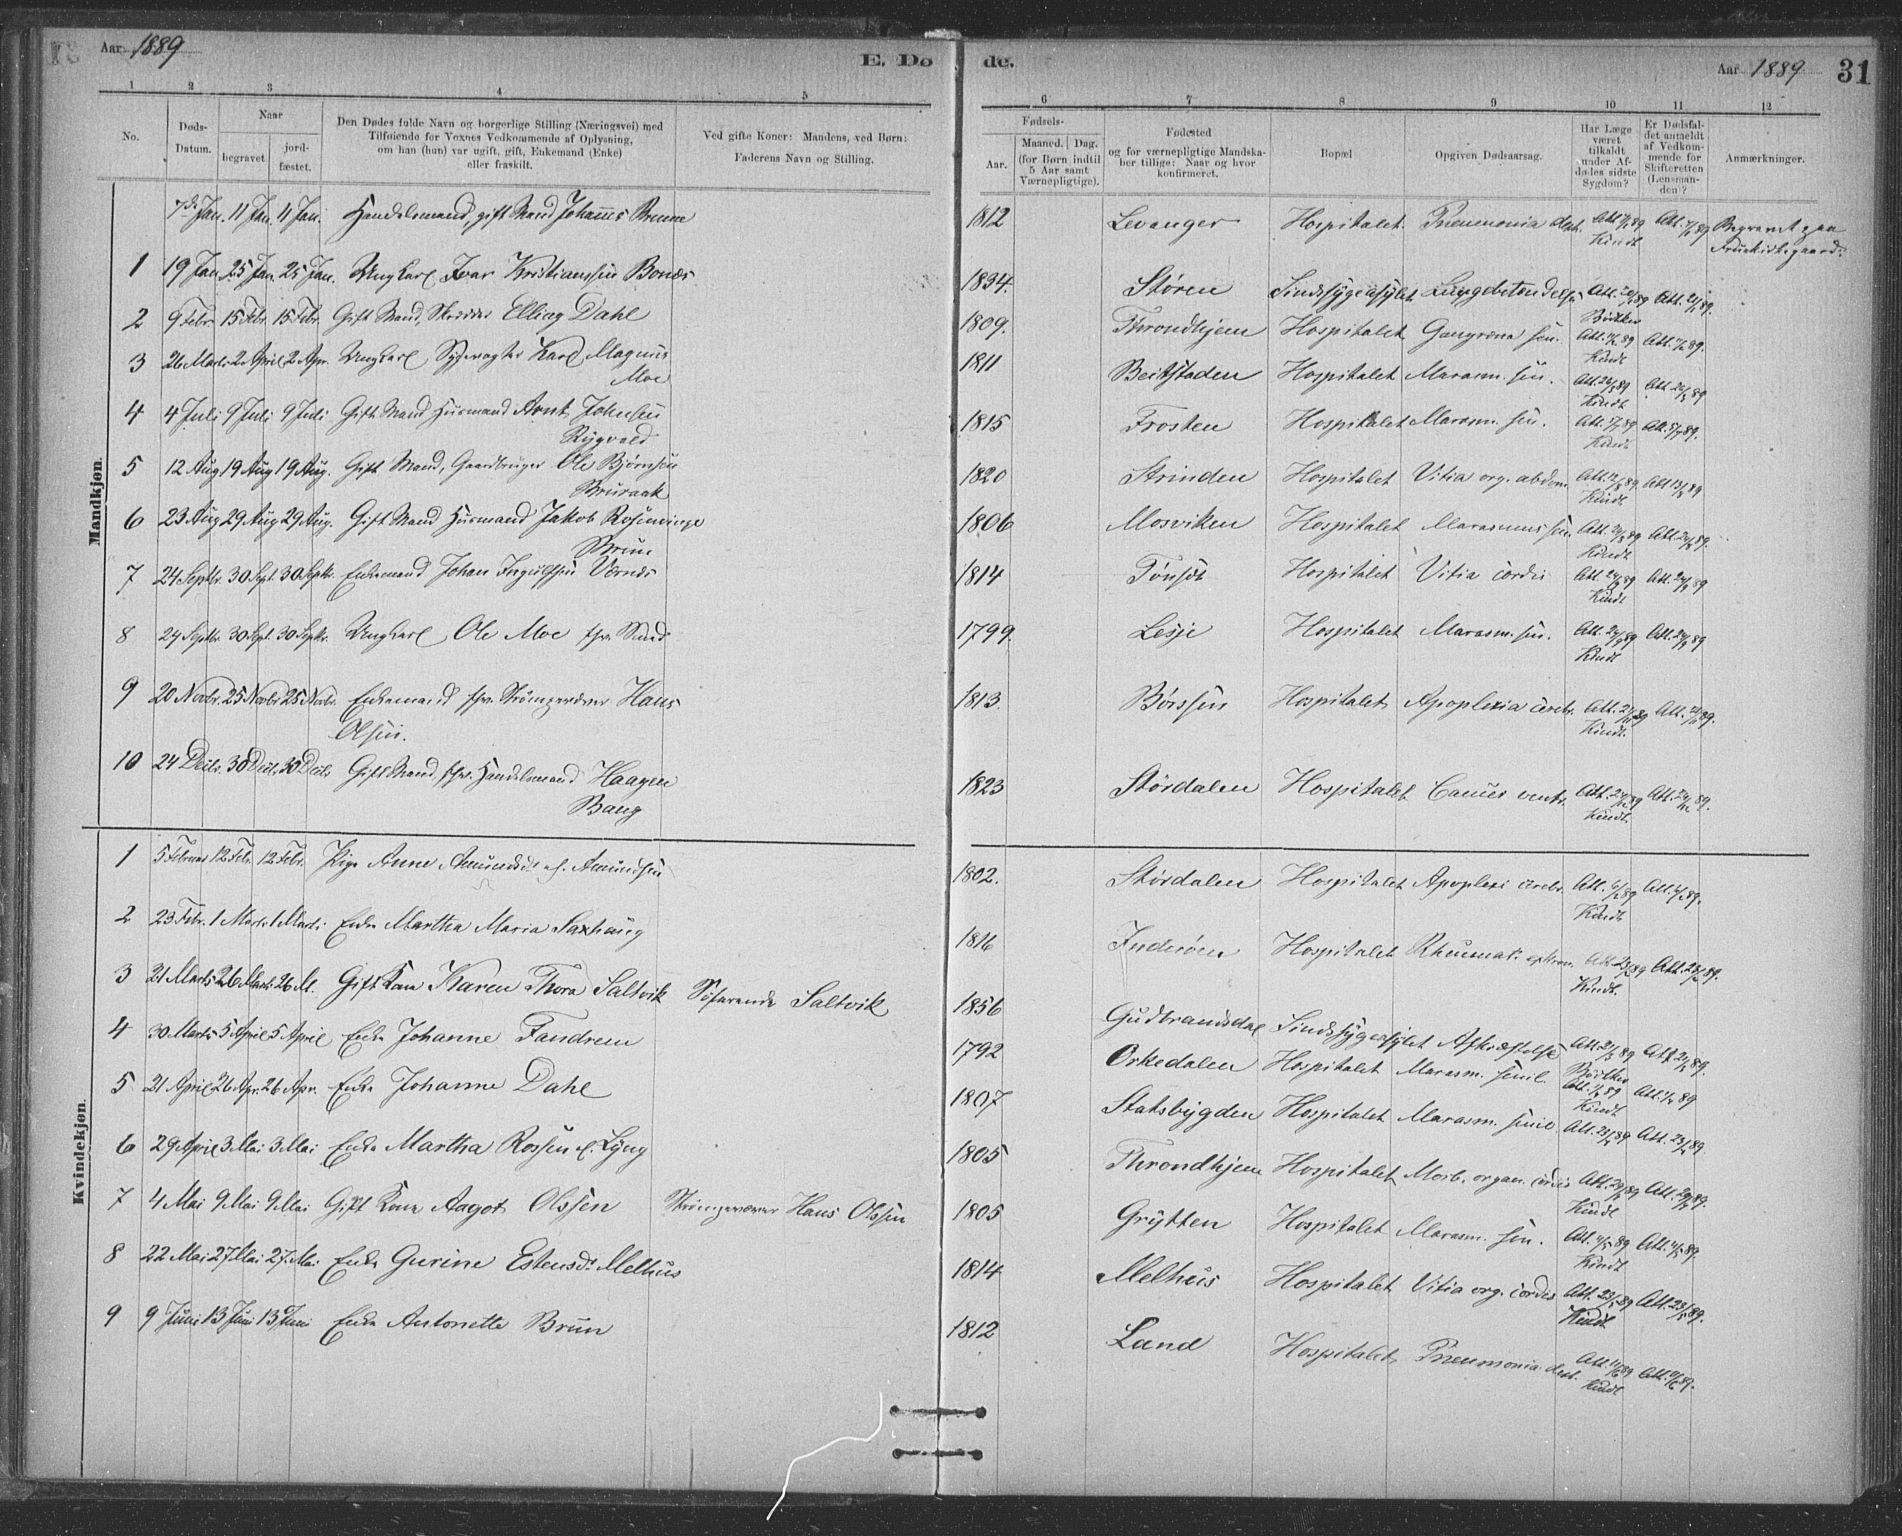 SAT, Ministerialprotokoller, klokkerbøker og fødselsregistre - Sør-Trøndelag, 623/L0470: Ministerialbok nr. 623A04, 1884-1938, s. 31